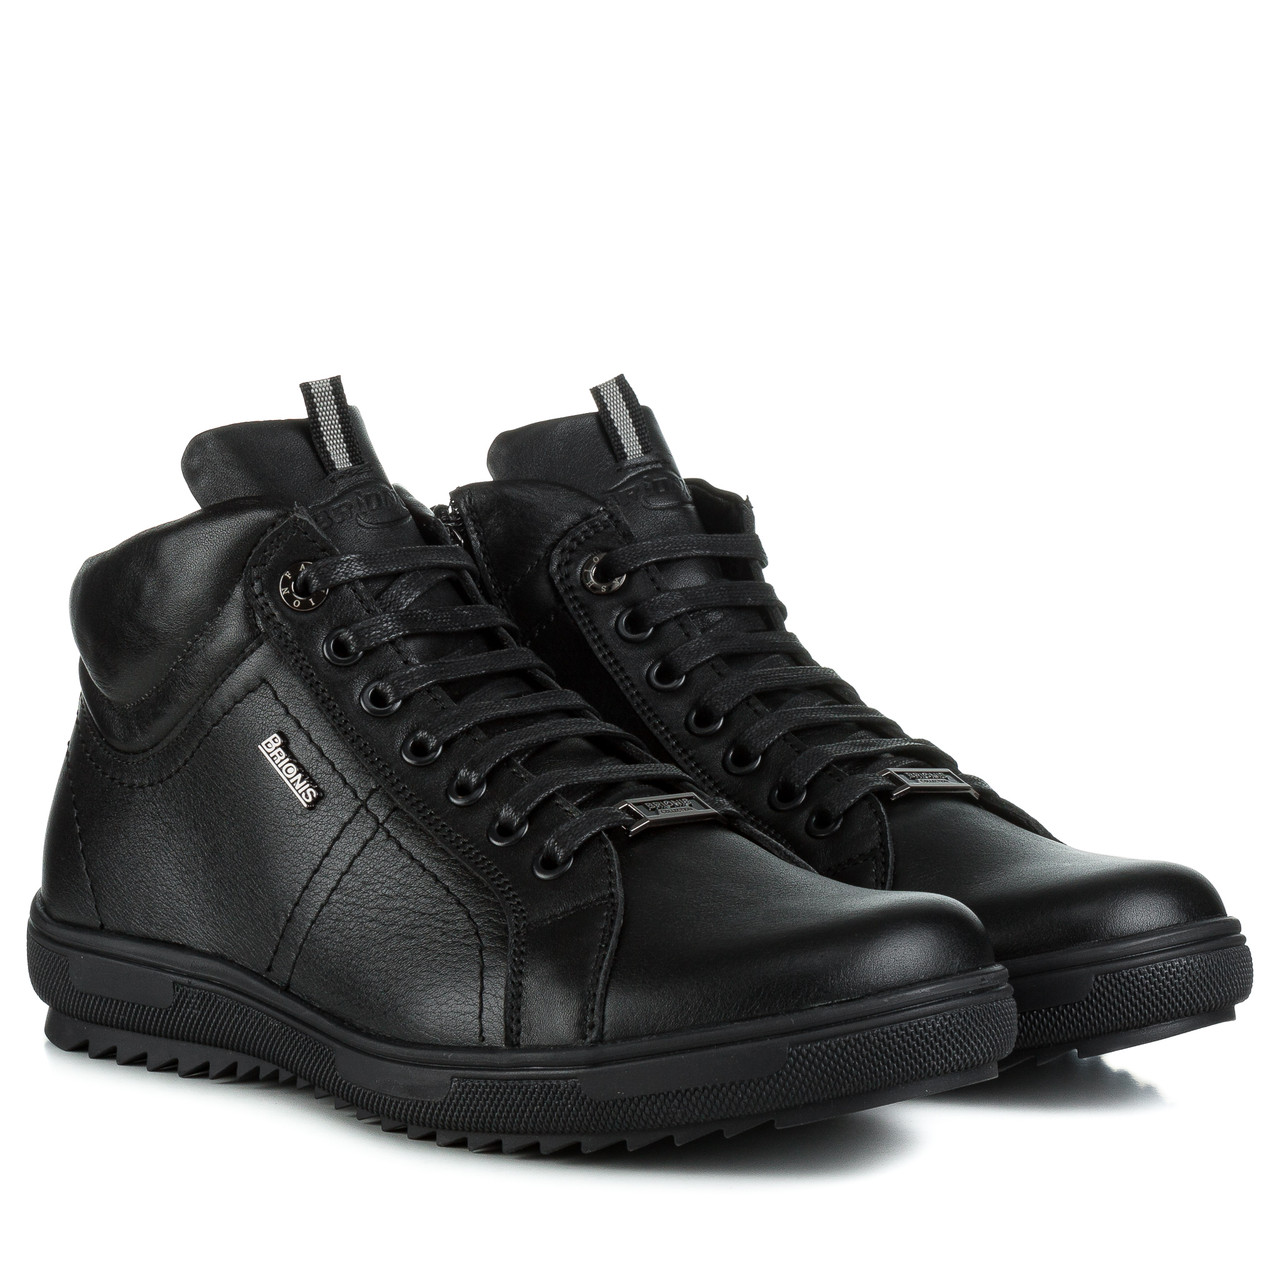 Ботинки женские BRIONIS (черные, кожаные, удобные)